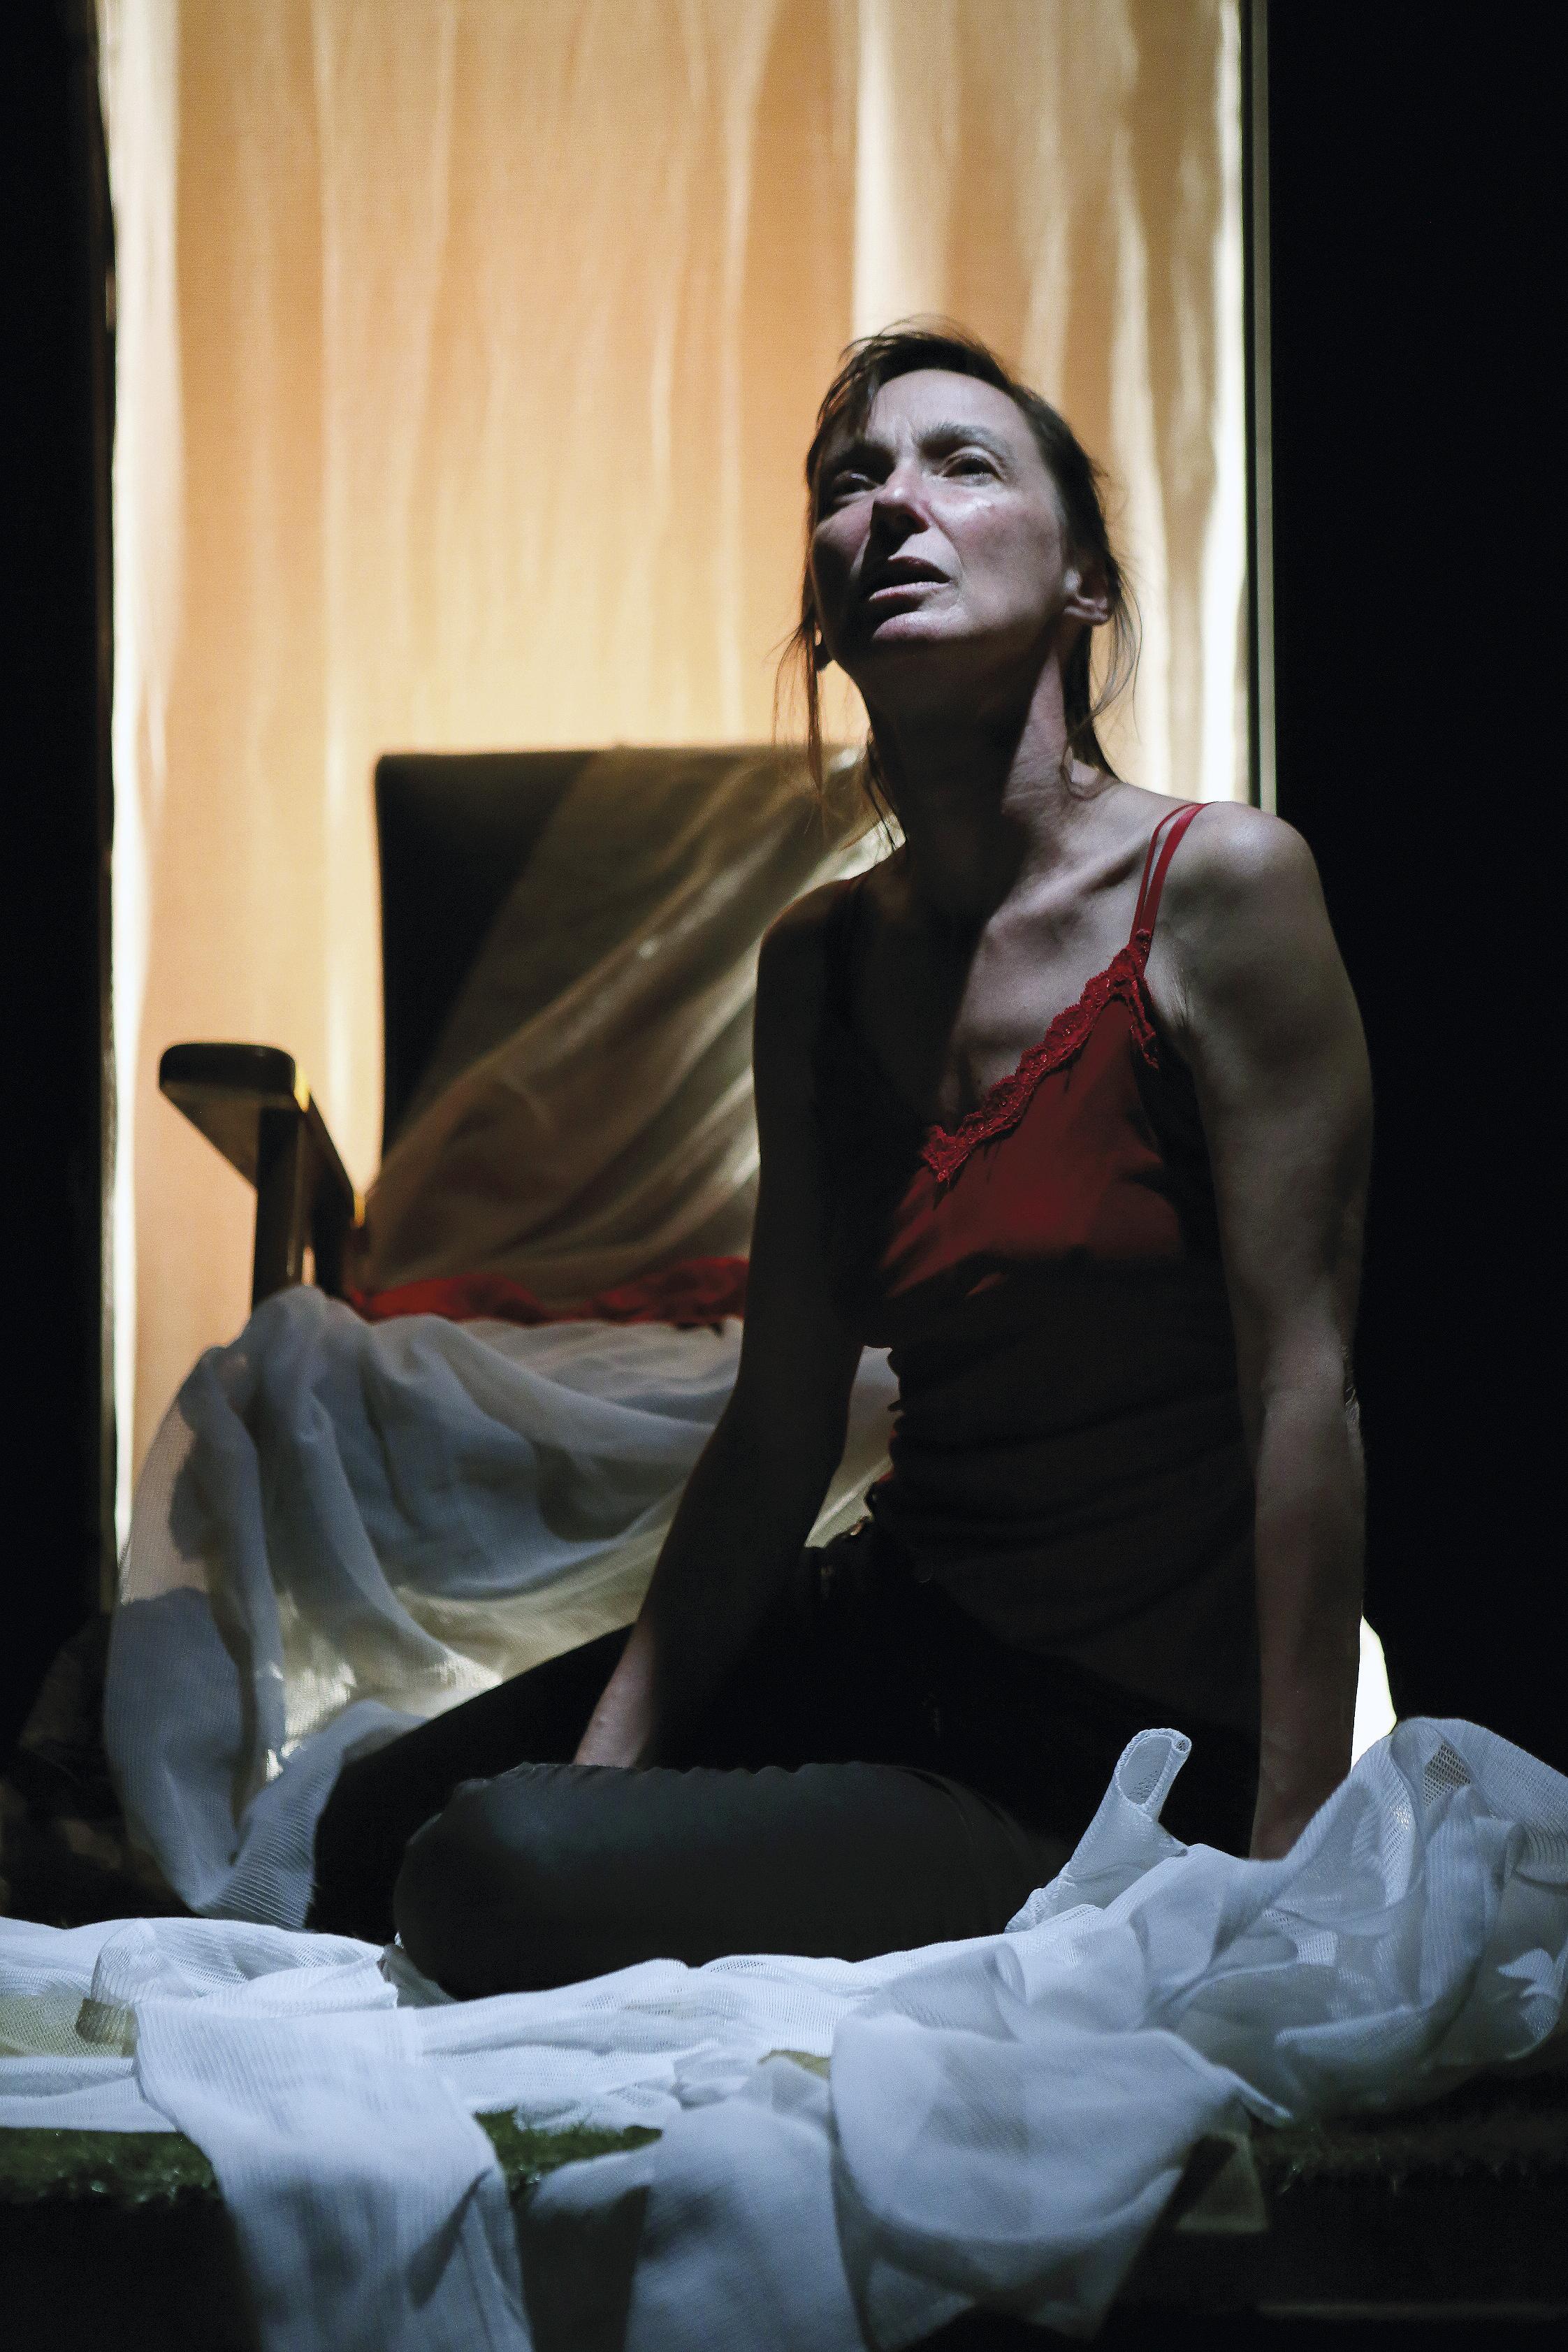 générale du spectacle «Héroïne(s) #2» / Compagnie Les Passeurs - Lucile Jourdan /// théâtre Joliette, mars 2019